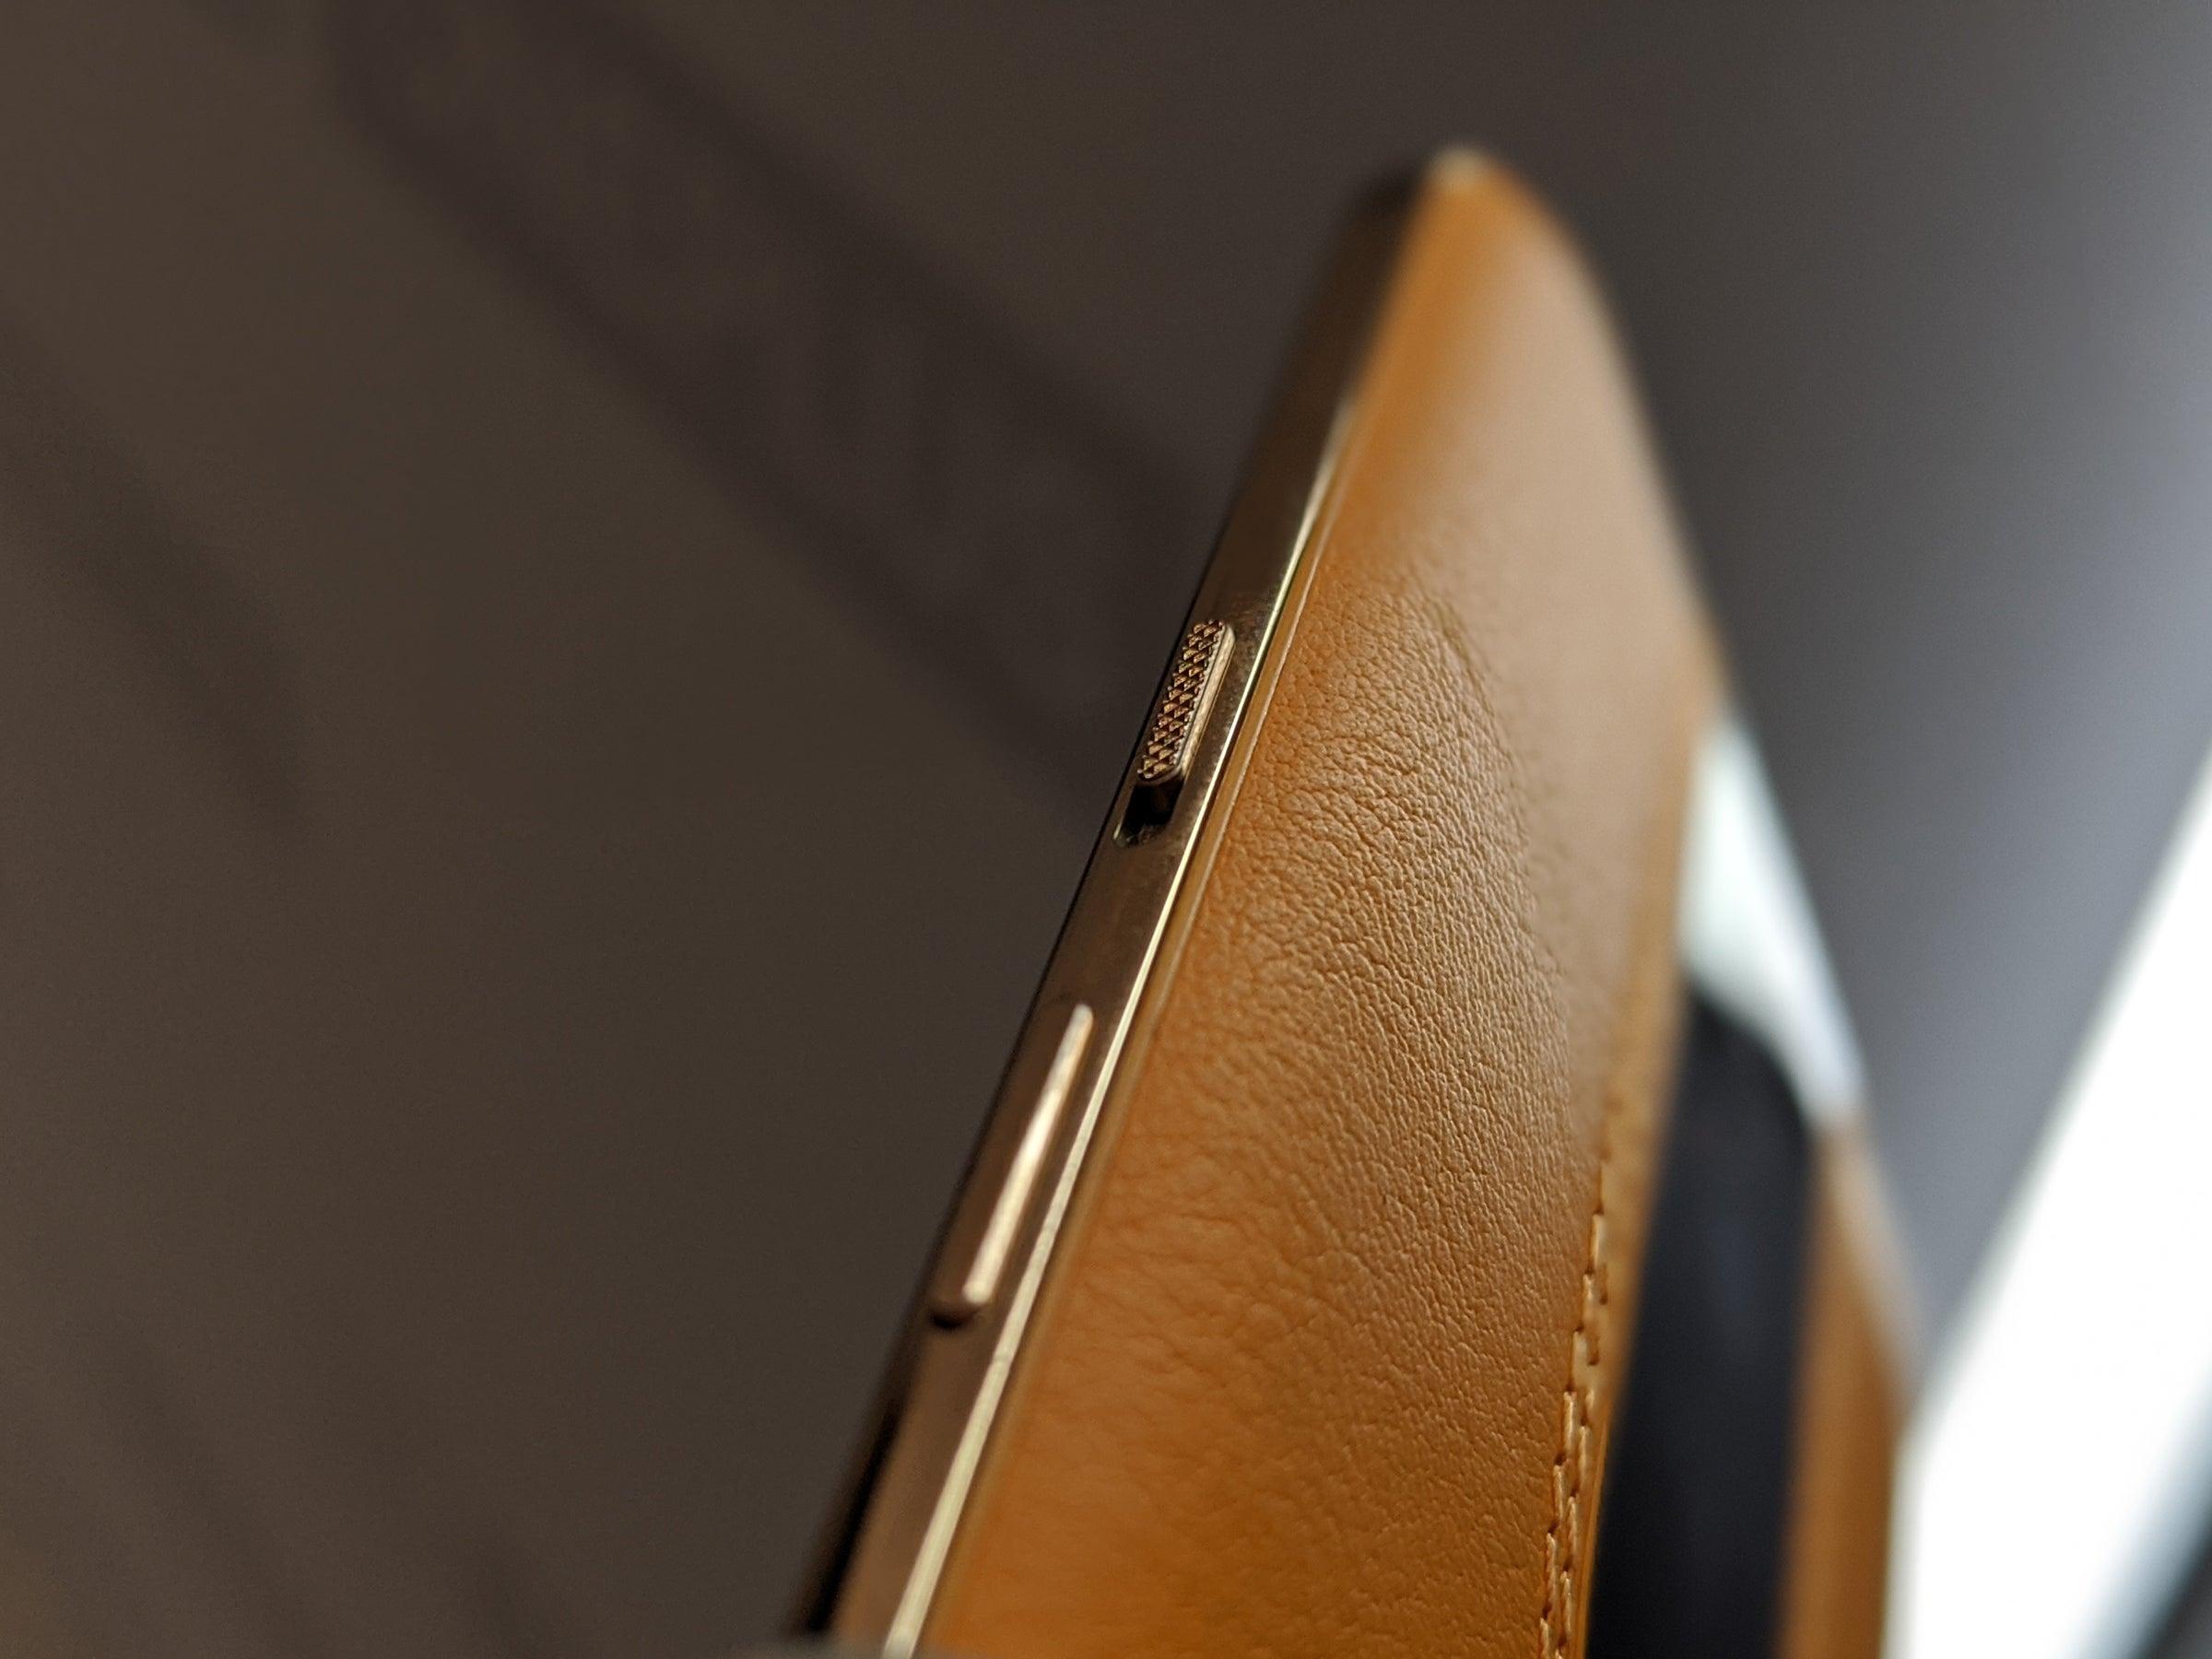 Goldener Seitenrahmen des OnePlus Concept One